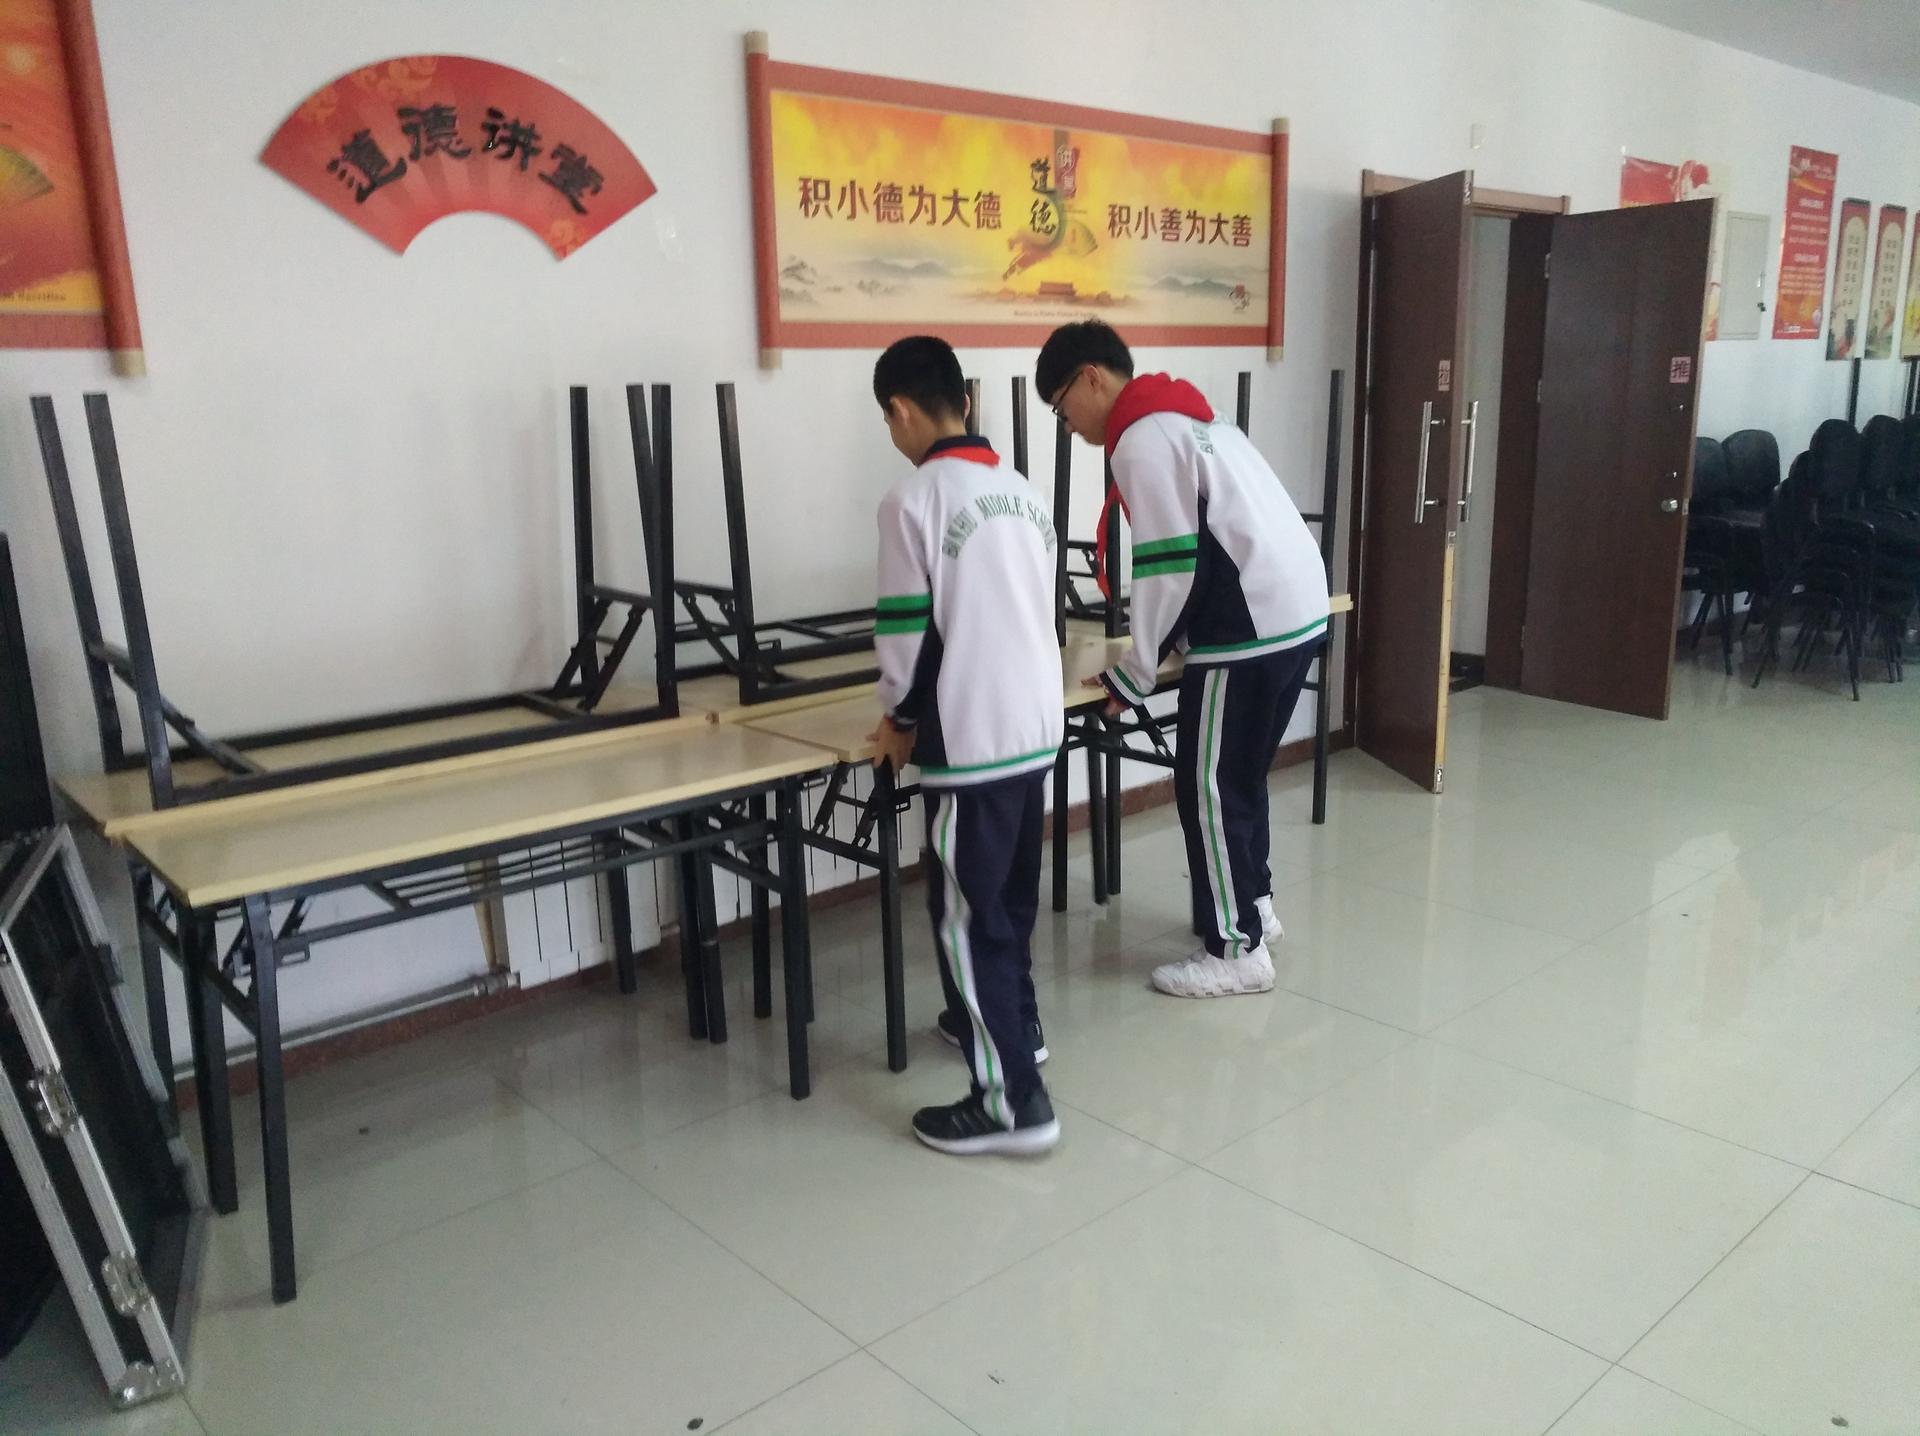 学雷锋社区志愿服务2.jpg